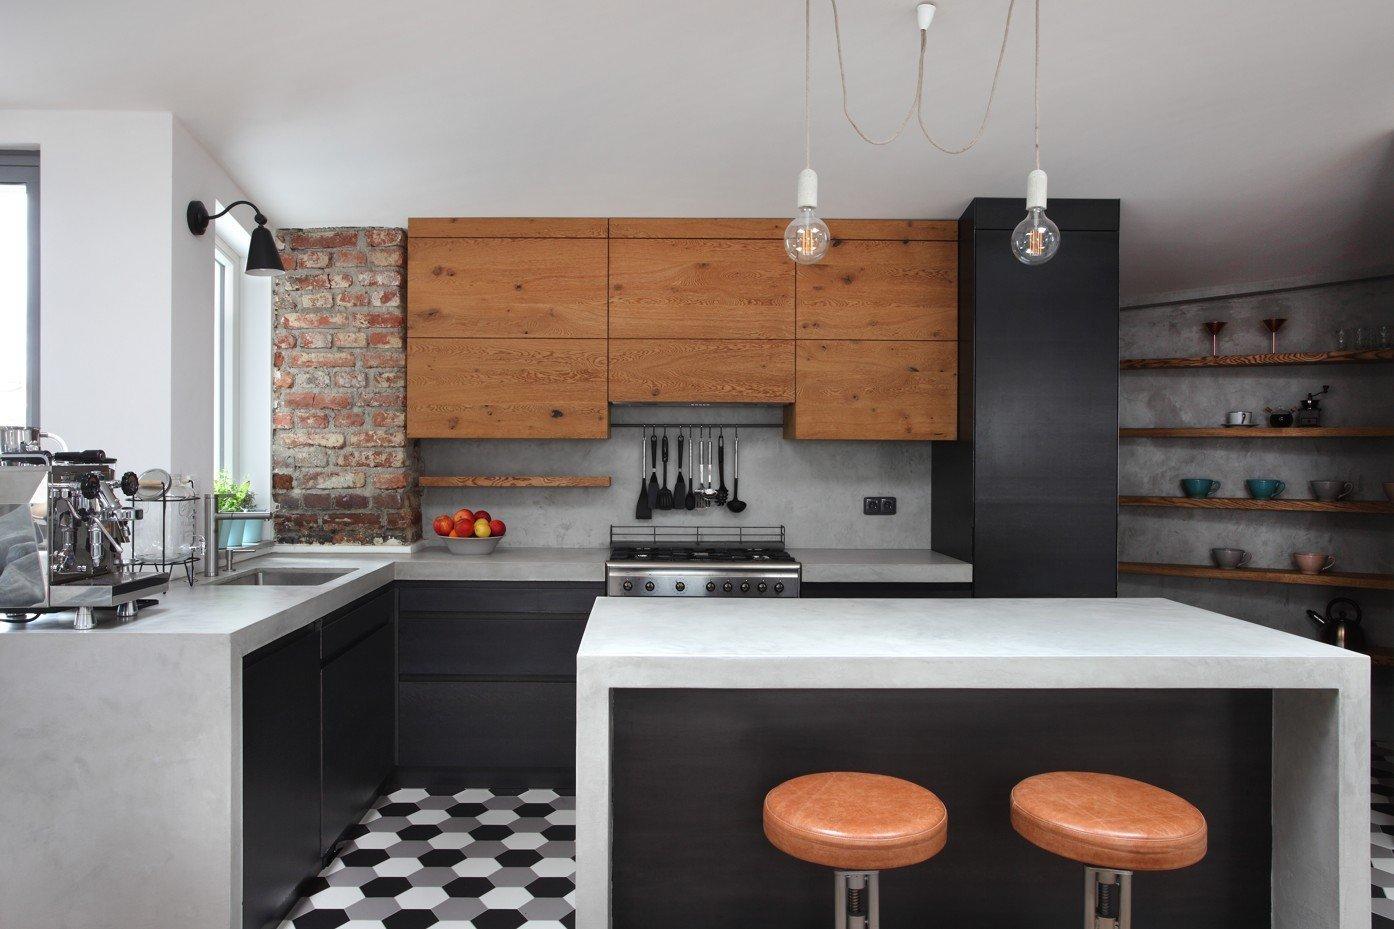 I ze staré nevyhovující půdy se může stát nadčasové bydlení plné luxusních designových kousků. Důkazem toho je byt evokující pověstné newyorské lofty, který zaujme svou vzdušností i lehce industriálním stylem. Za jeho proměnou stojí designérka Monika White a architekt Michael White. A že se jedná o proměnu vskutku výjimečnou.